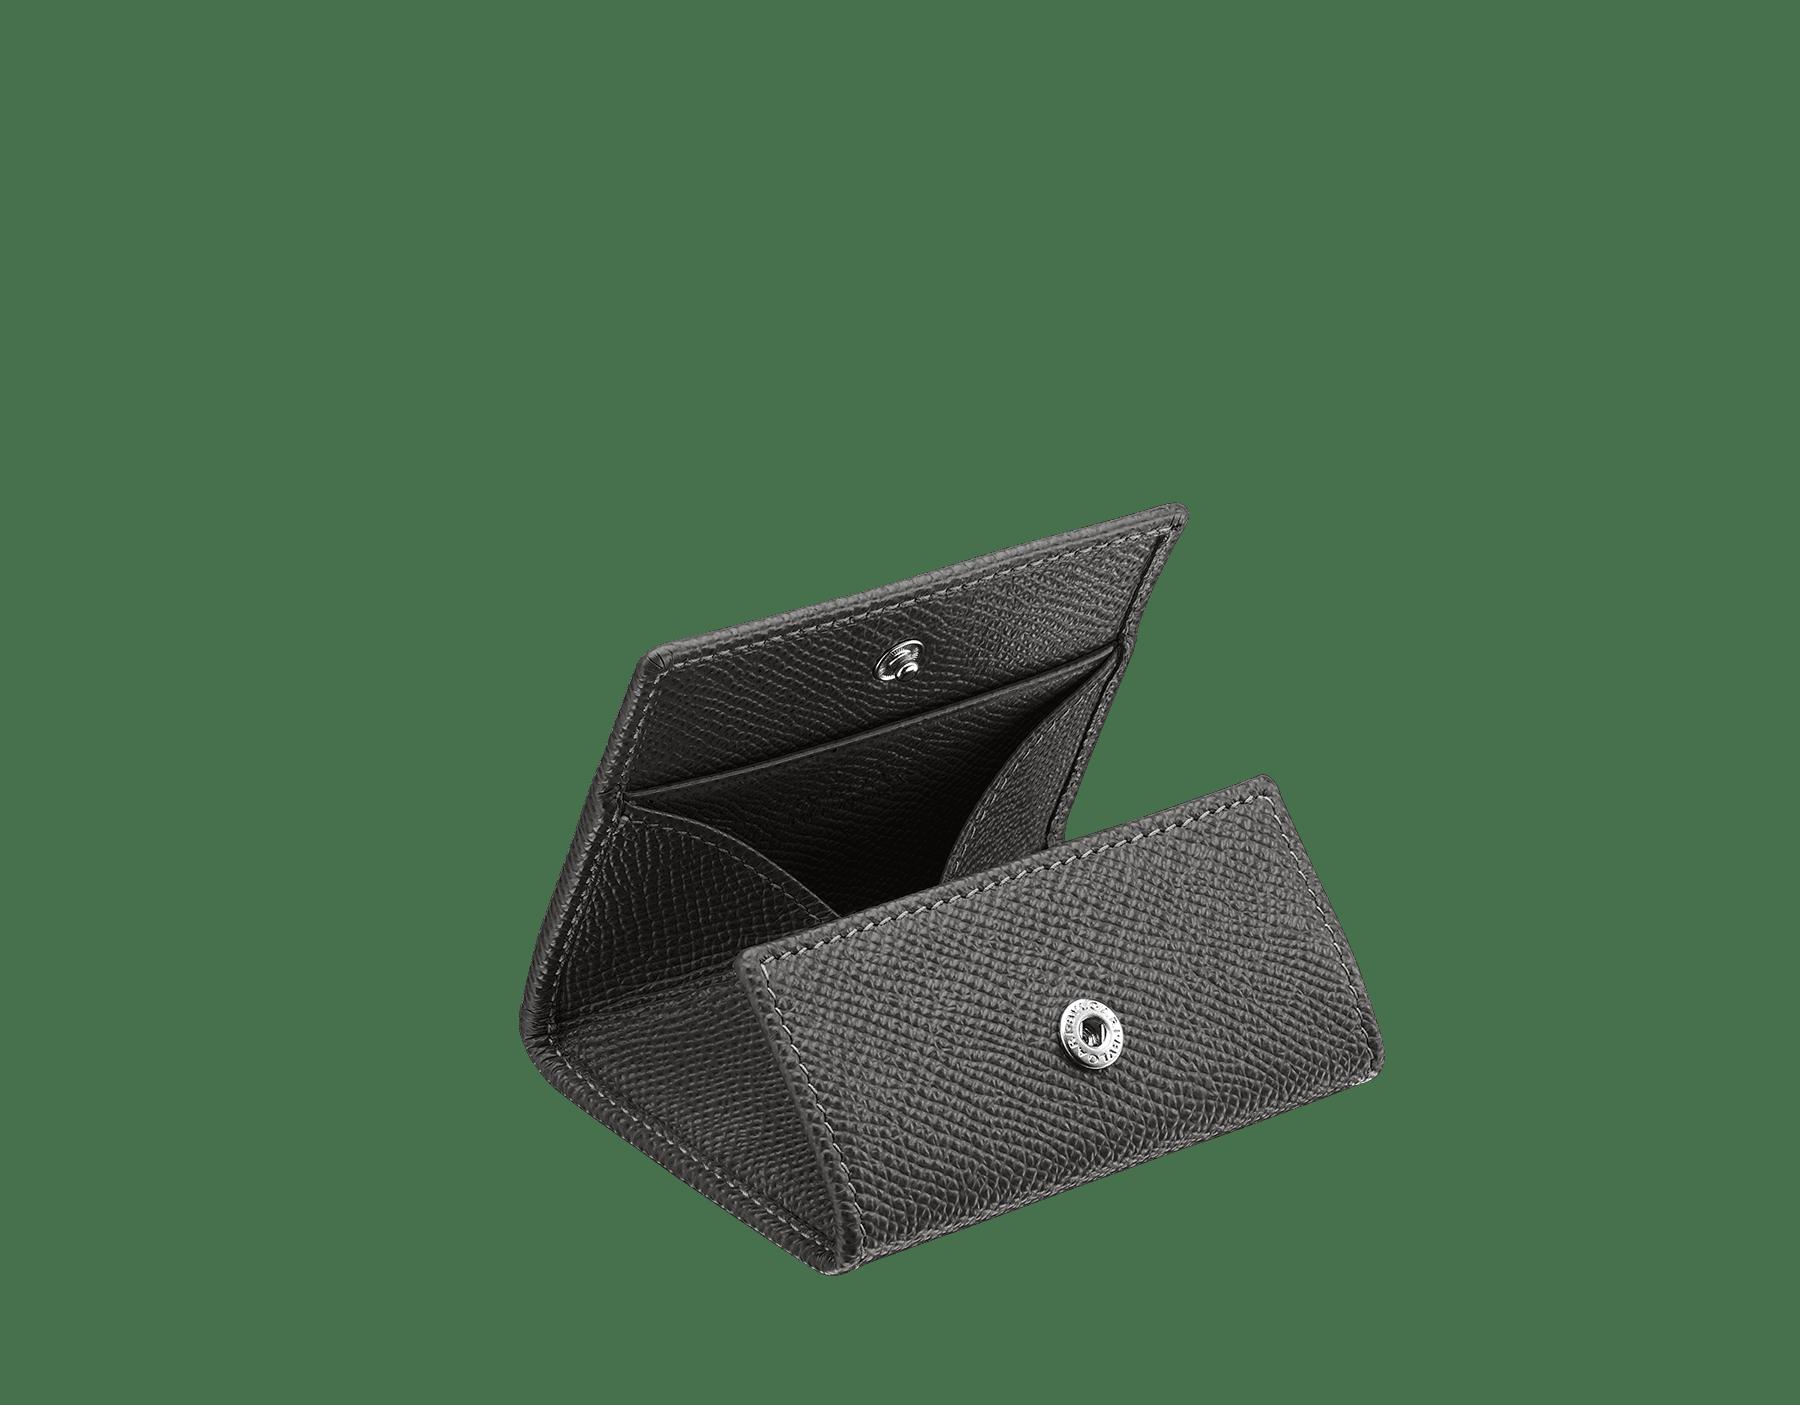 單寧藍珠面小牛皮零錢包,鍍鈀黃銅配飾,飾以 Bvlgari-Bvlgari 元素。 BBM-WLT-COIN image 2